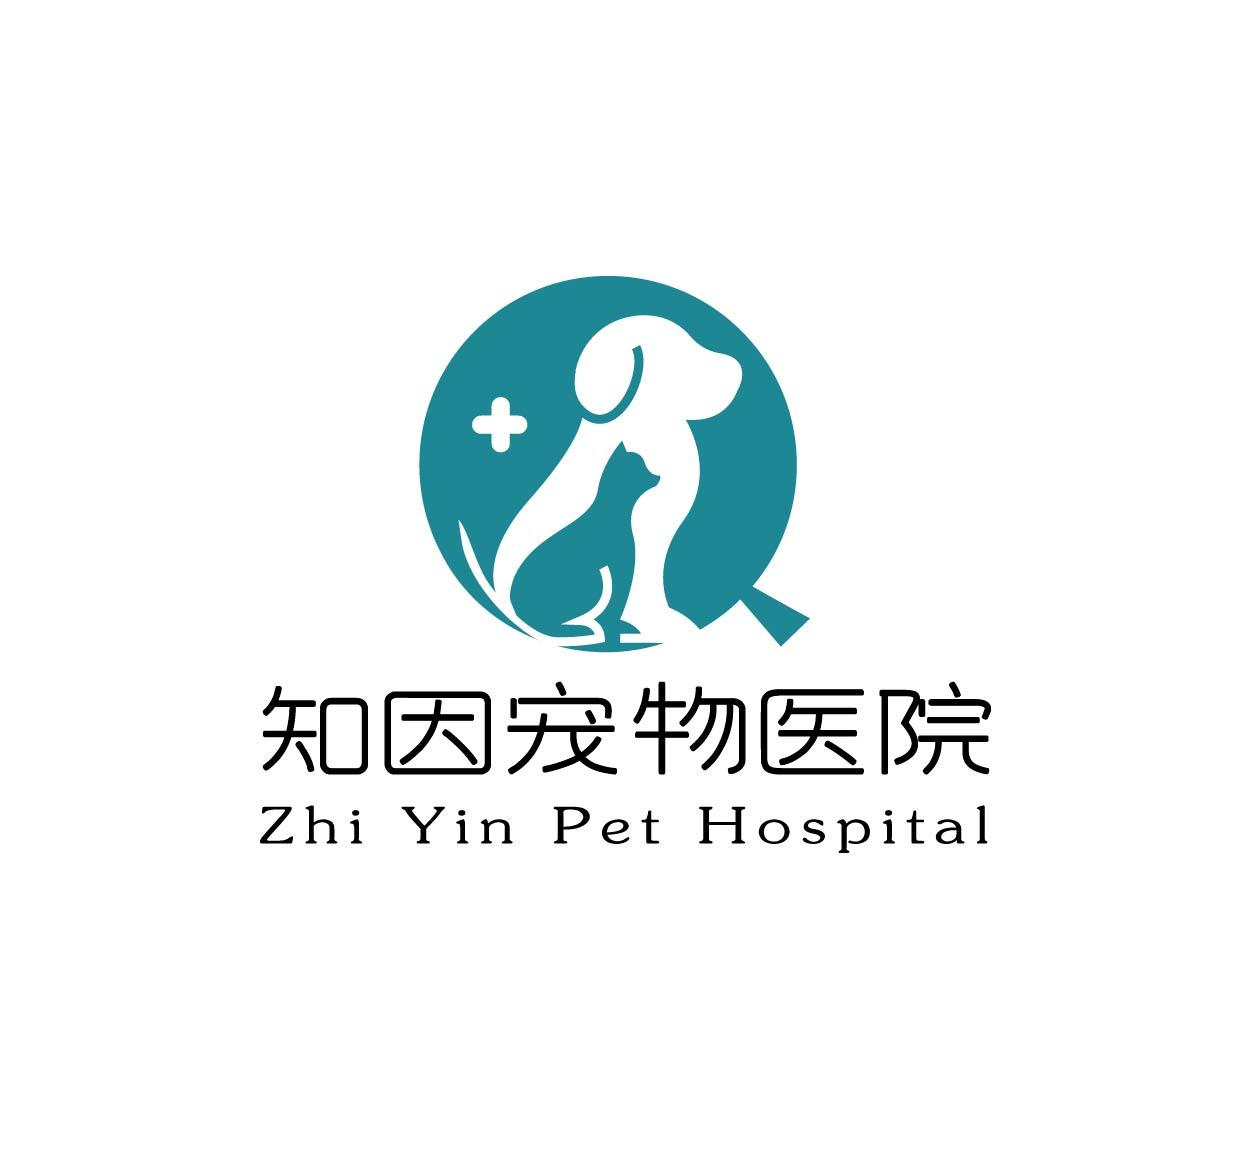 武汉知因宠物医院有限公司